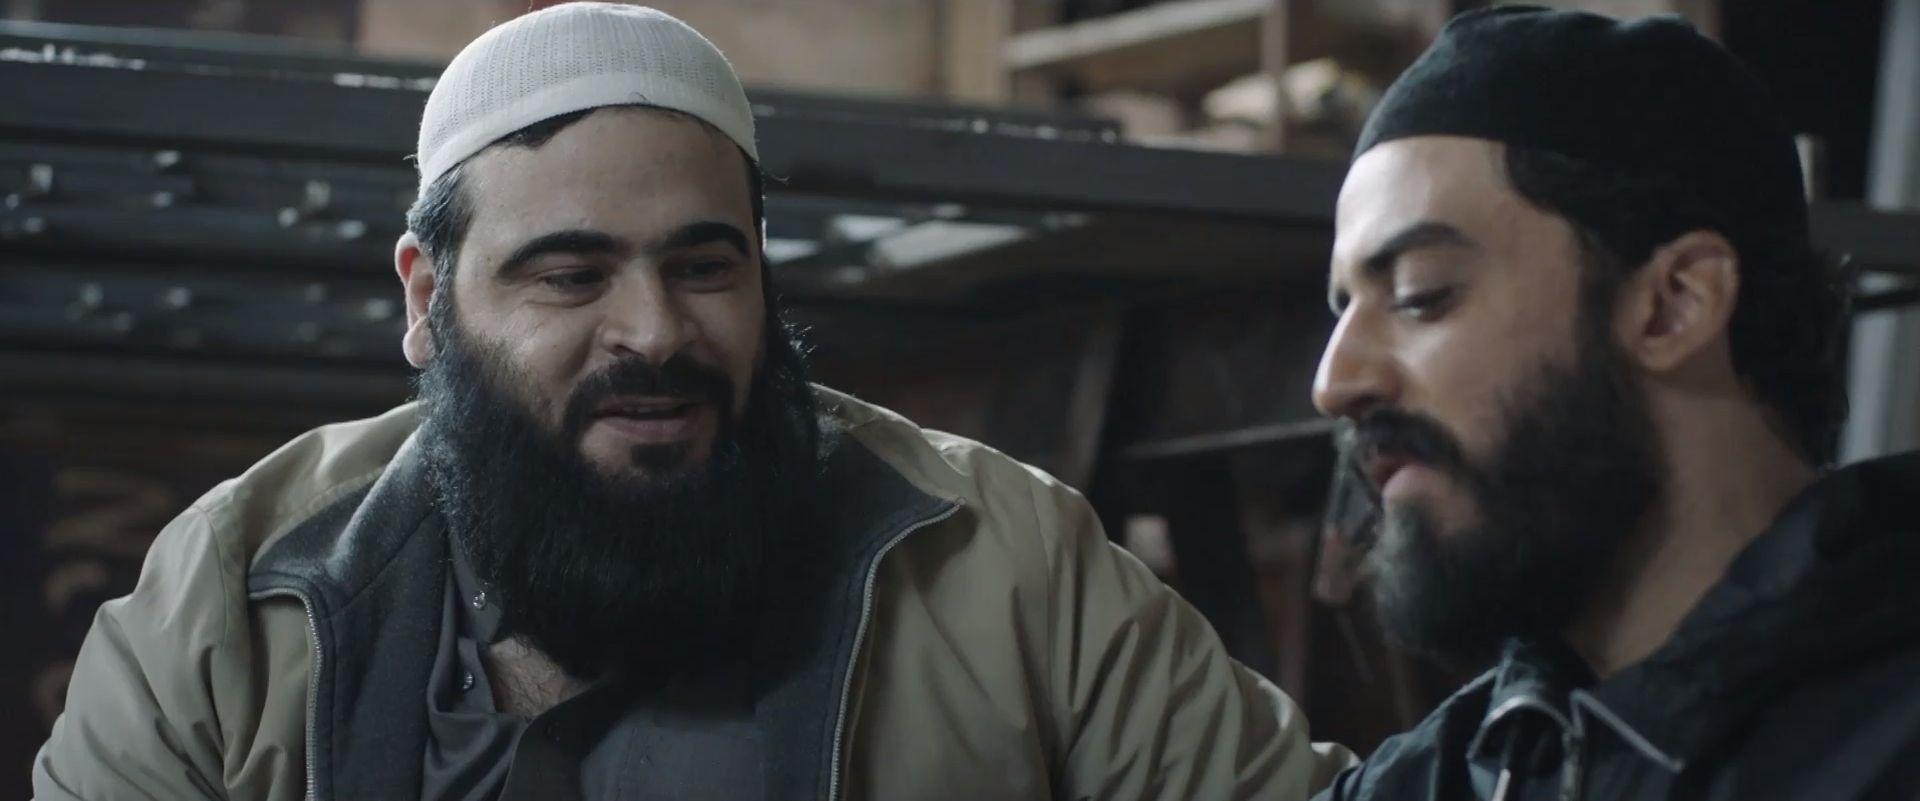 محمد العزايزي بدور ابو عبيدة بالاختيار 2